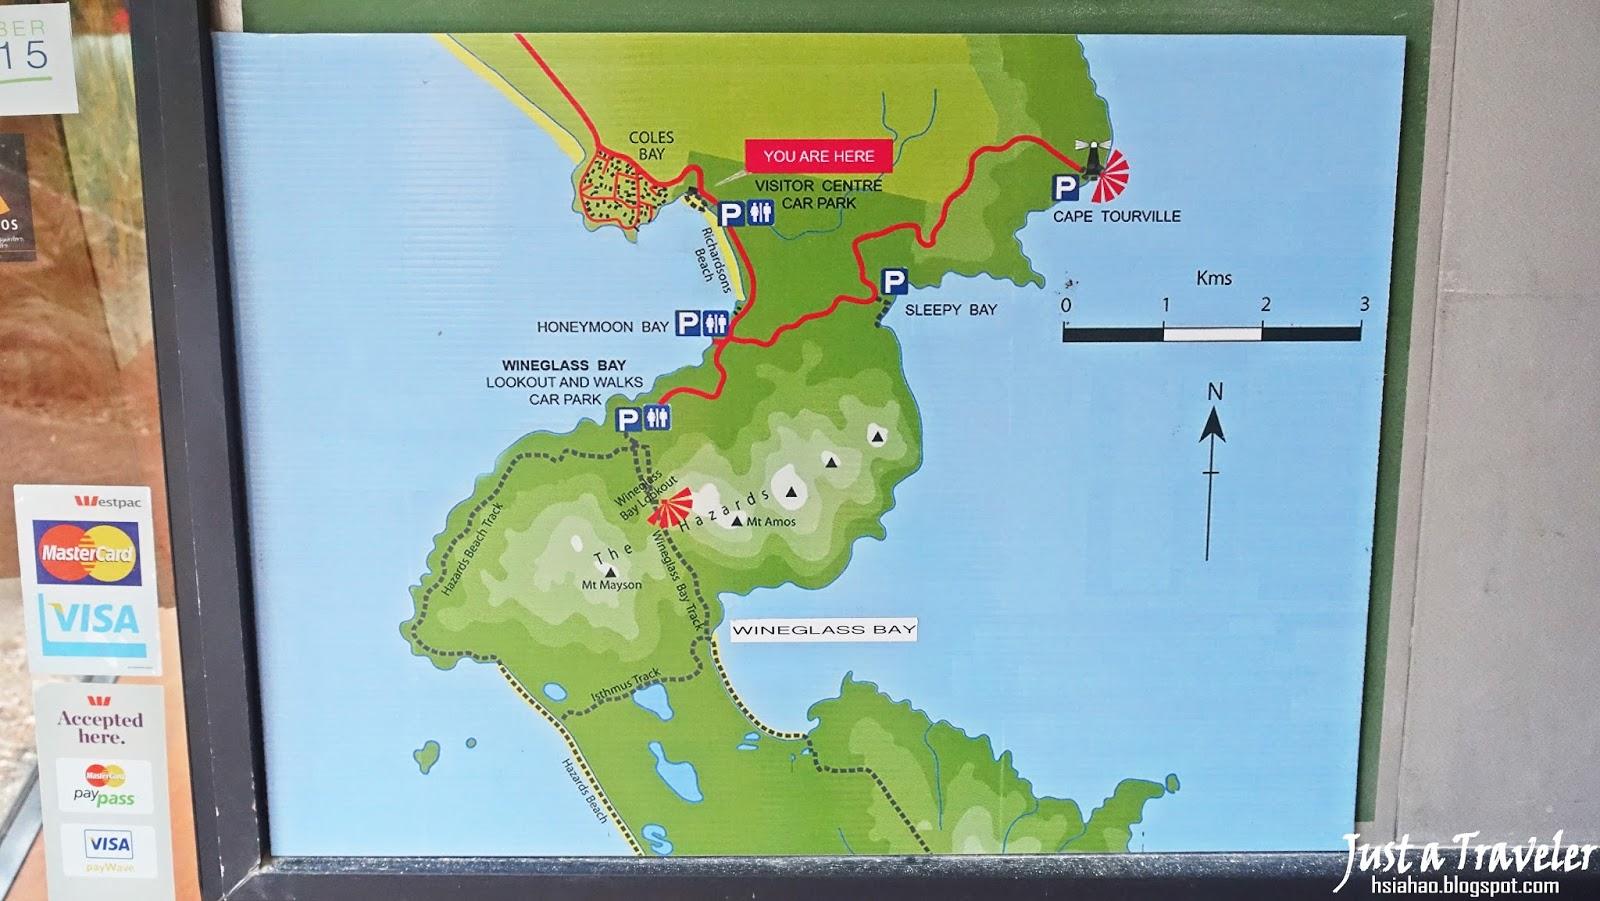 塔斯馬尼亞-景點-推薦-菲欣納國家公園-地圖-旅遊-自由行-澳洲-Tasmania-Freycinet-National-Park-Tourist-Attraction-Australia